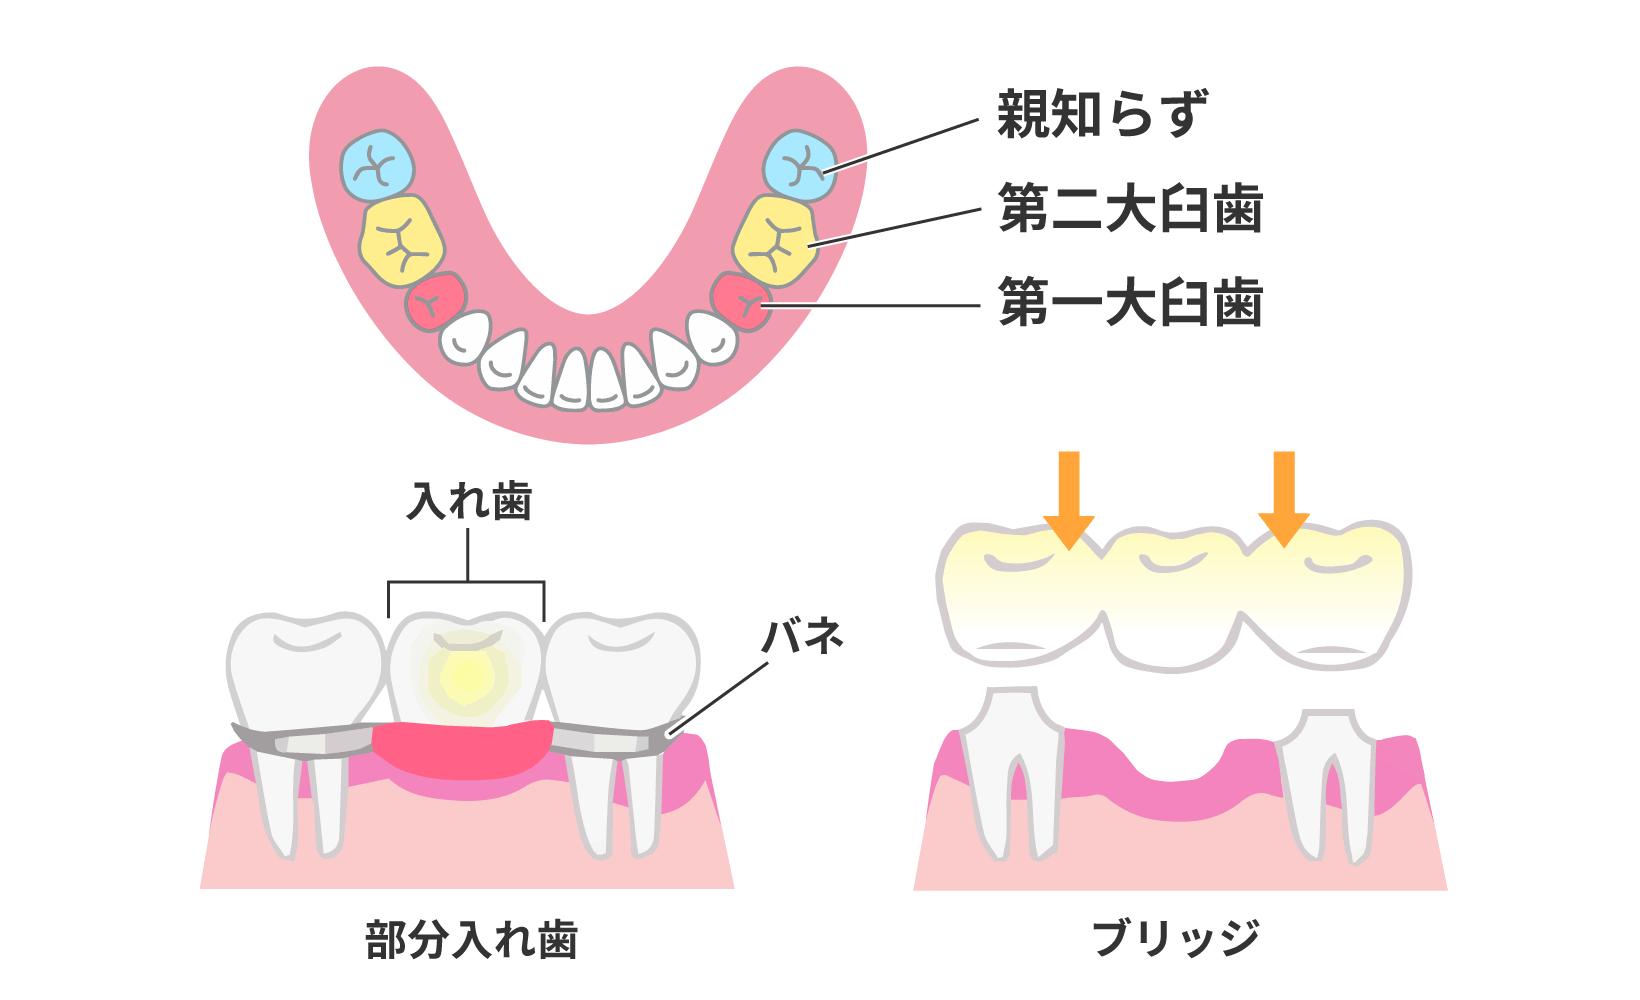 親知らずを抜いた場合、第一・第二大臼歯がなくなったときにブリッジの土台にしたり入れ歯のバネをかけたりできなくなる